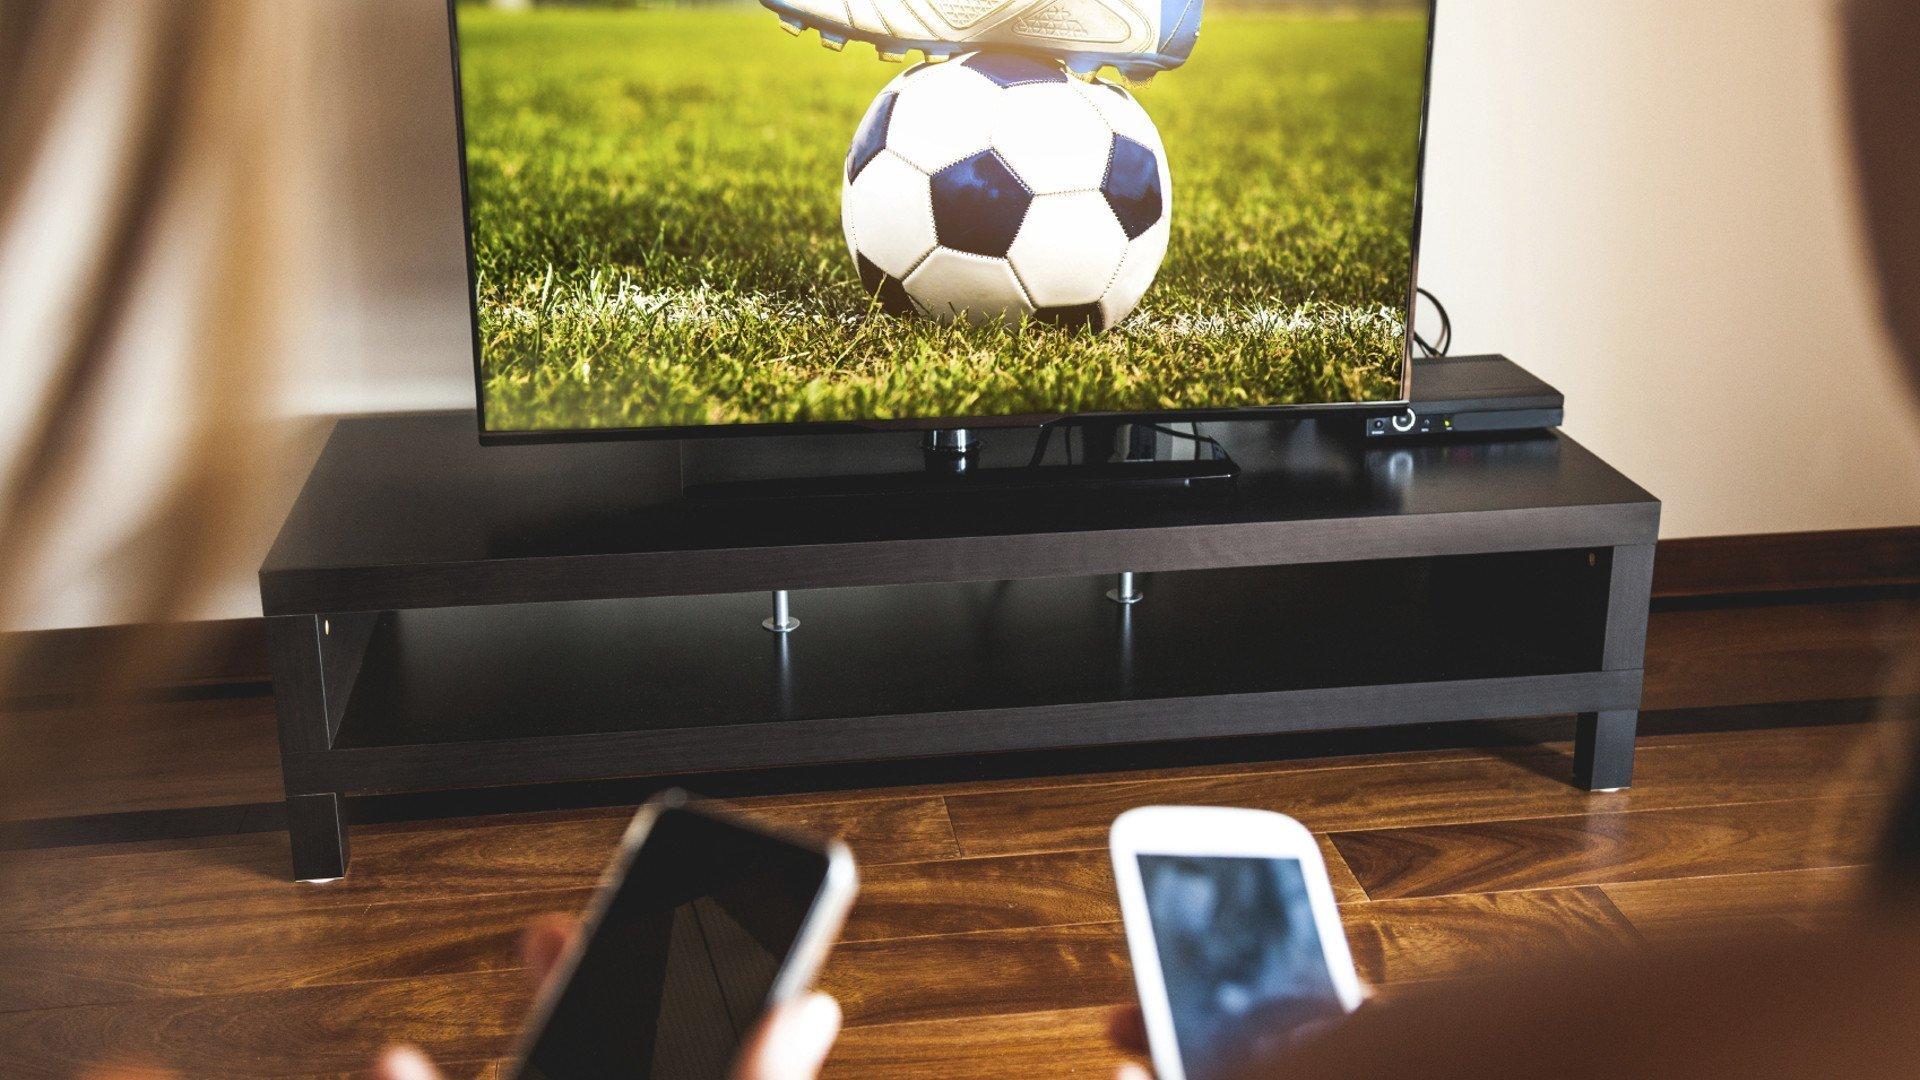 SPOT voetbal met 2nd screens